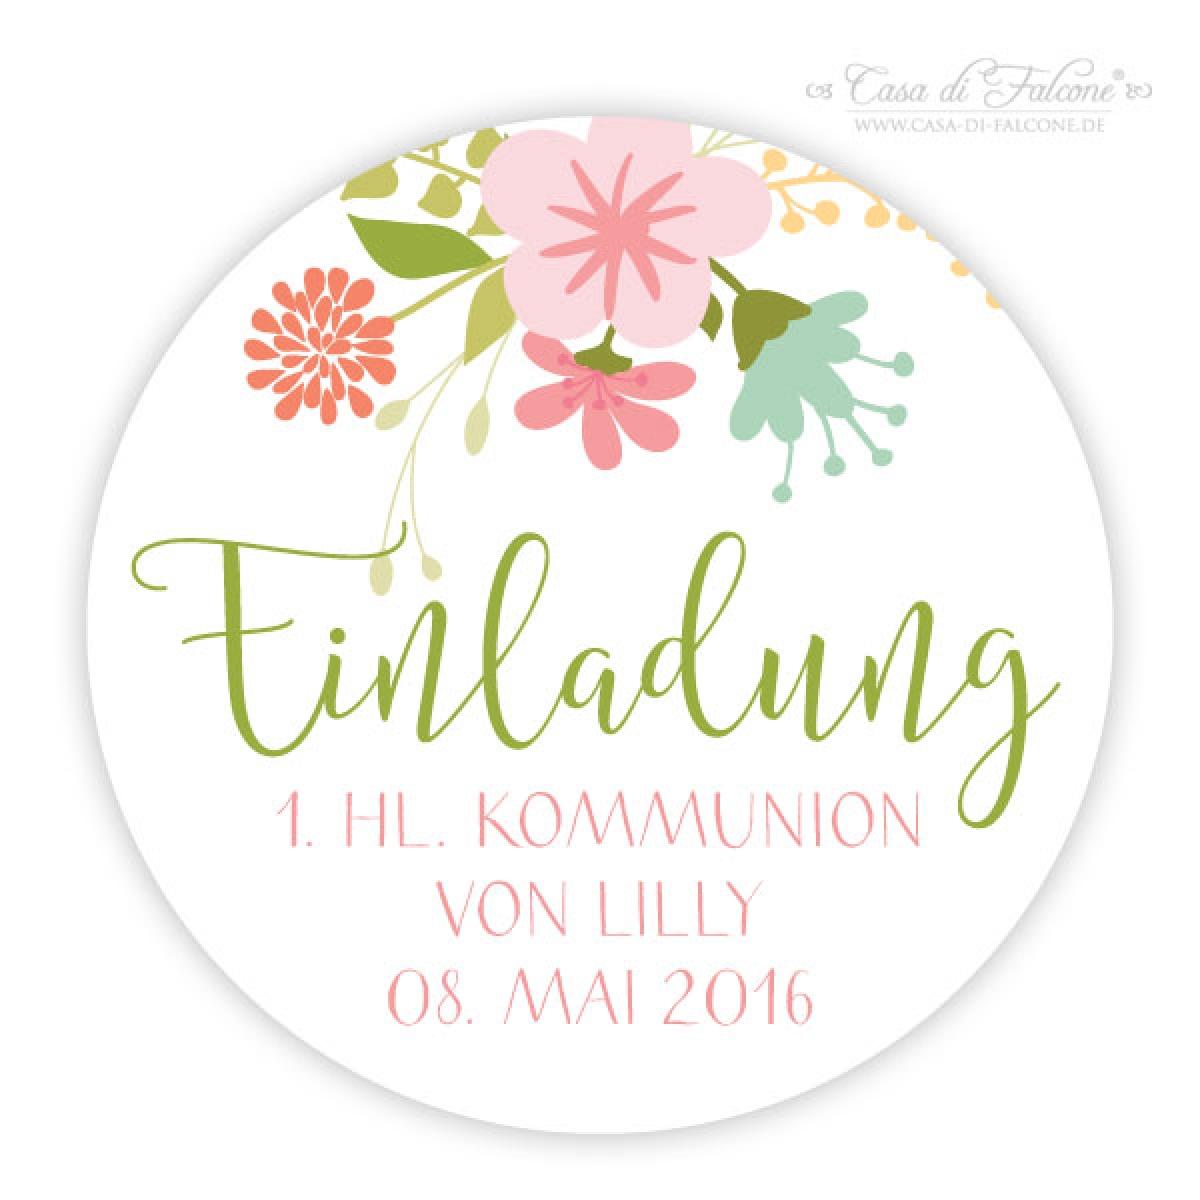 Aufkleber Einladung Zur Kommunion, Rund Floral